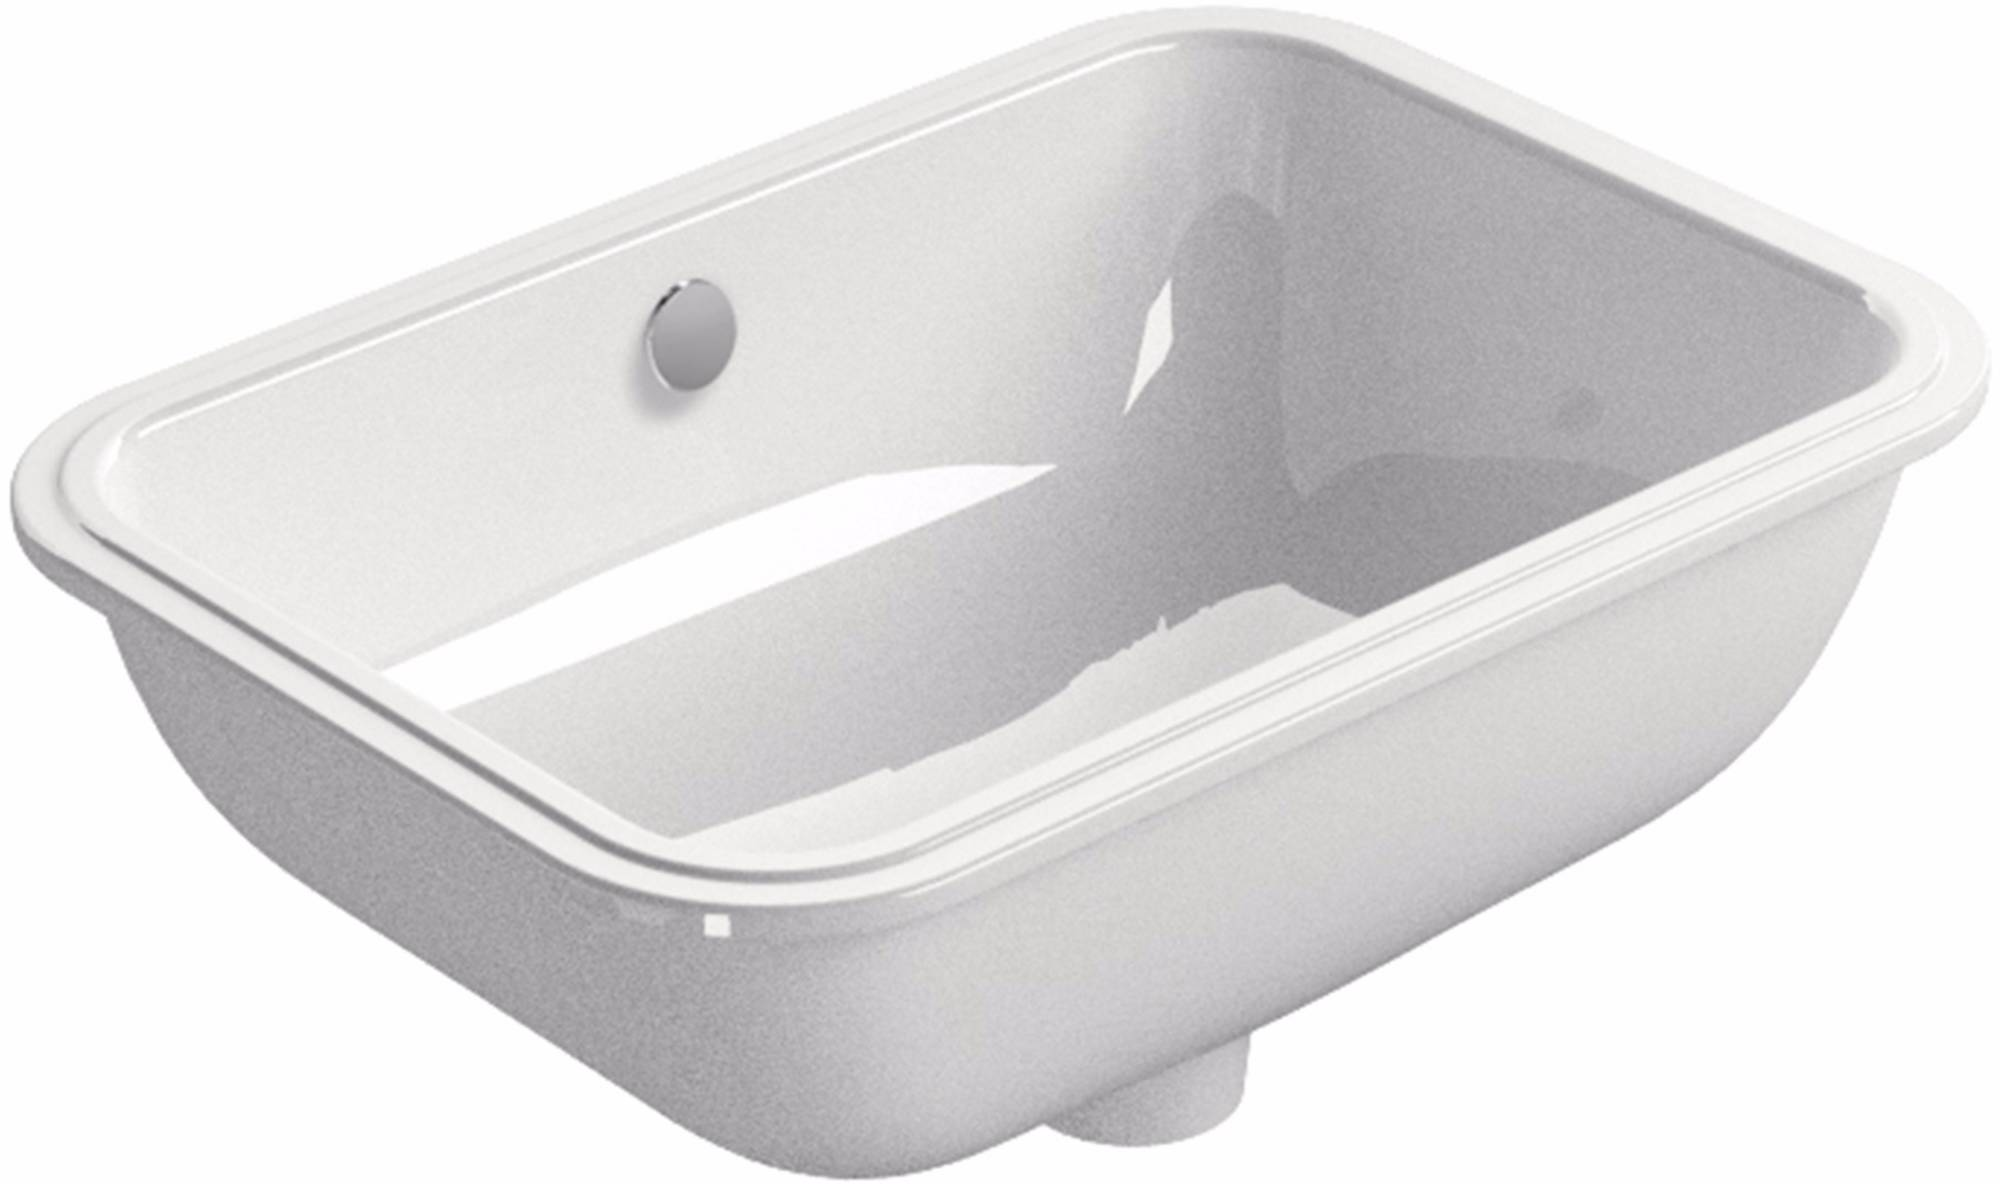 Ben Muret wastafel zonder kraangat 50x38 cm wit